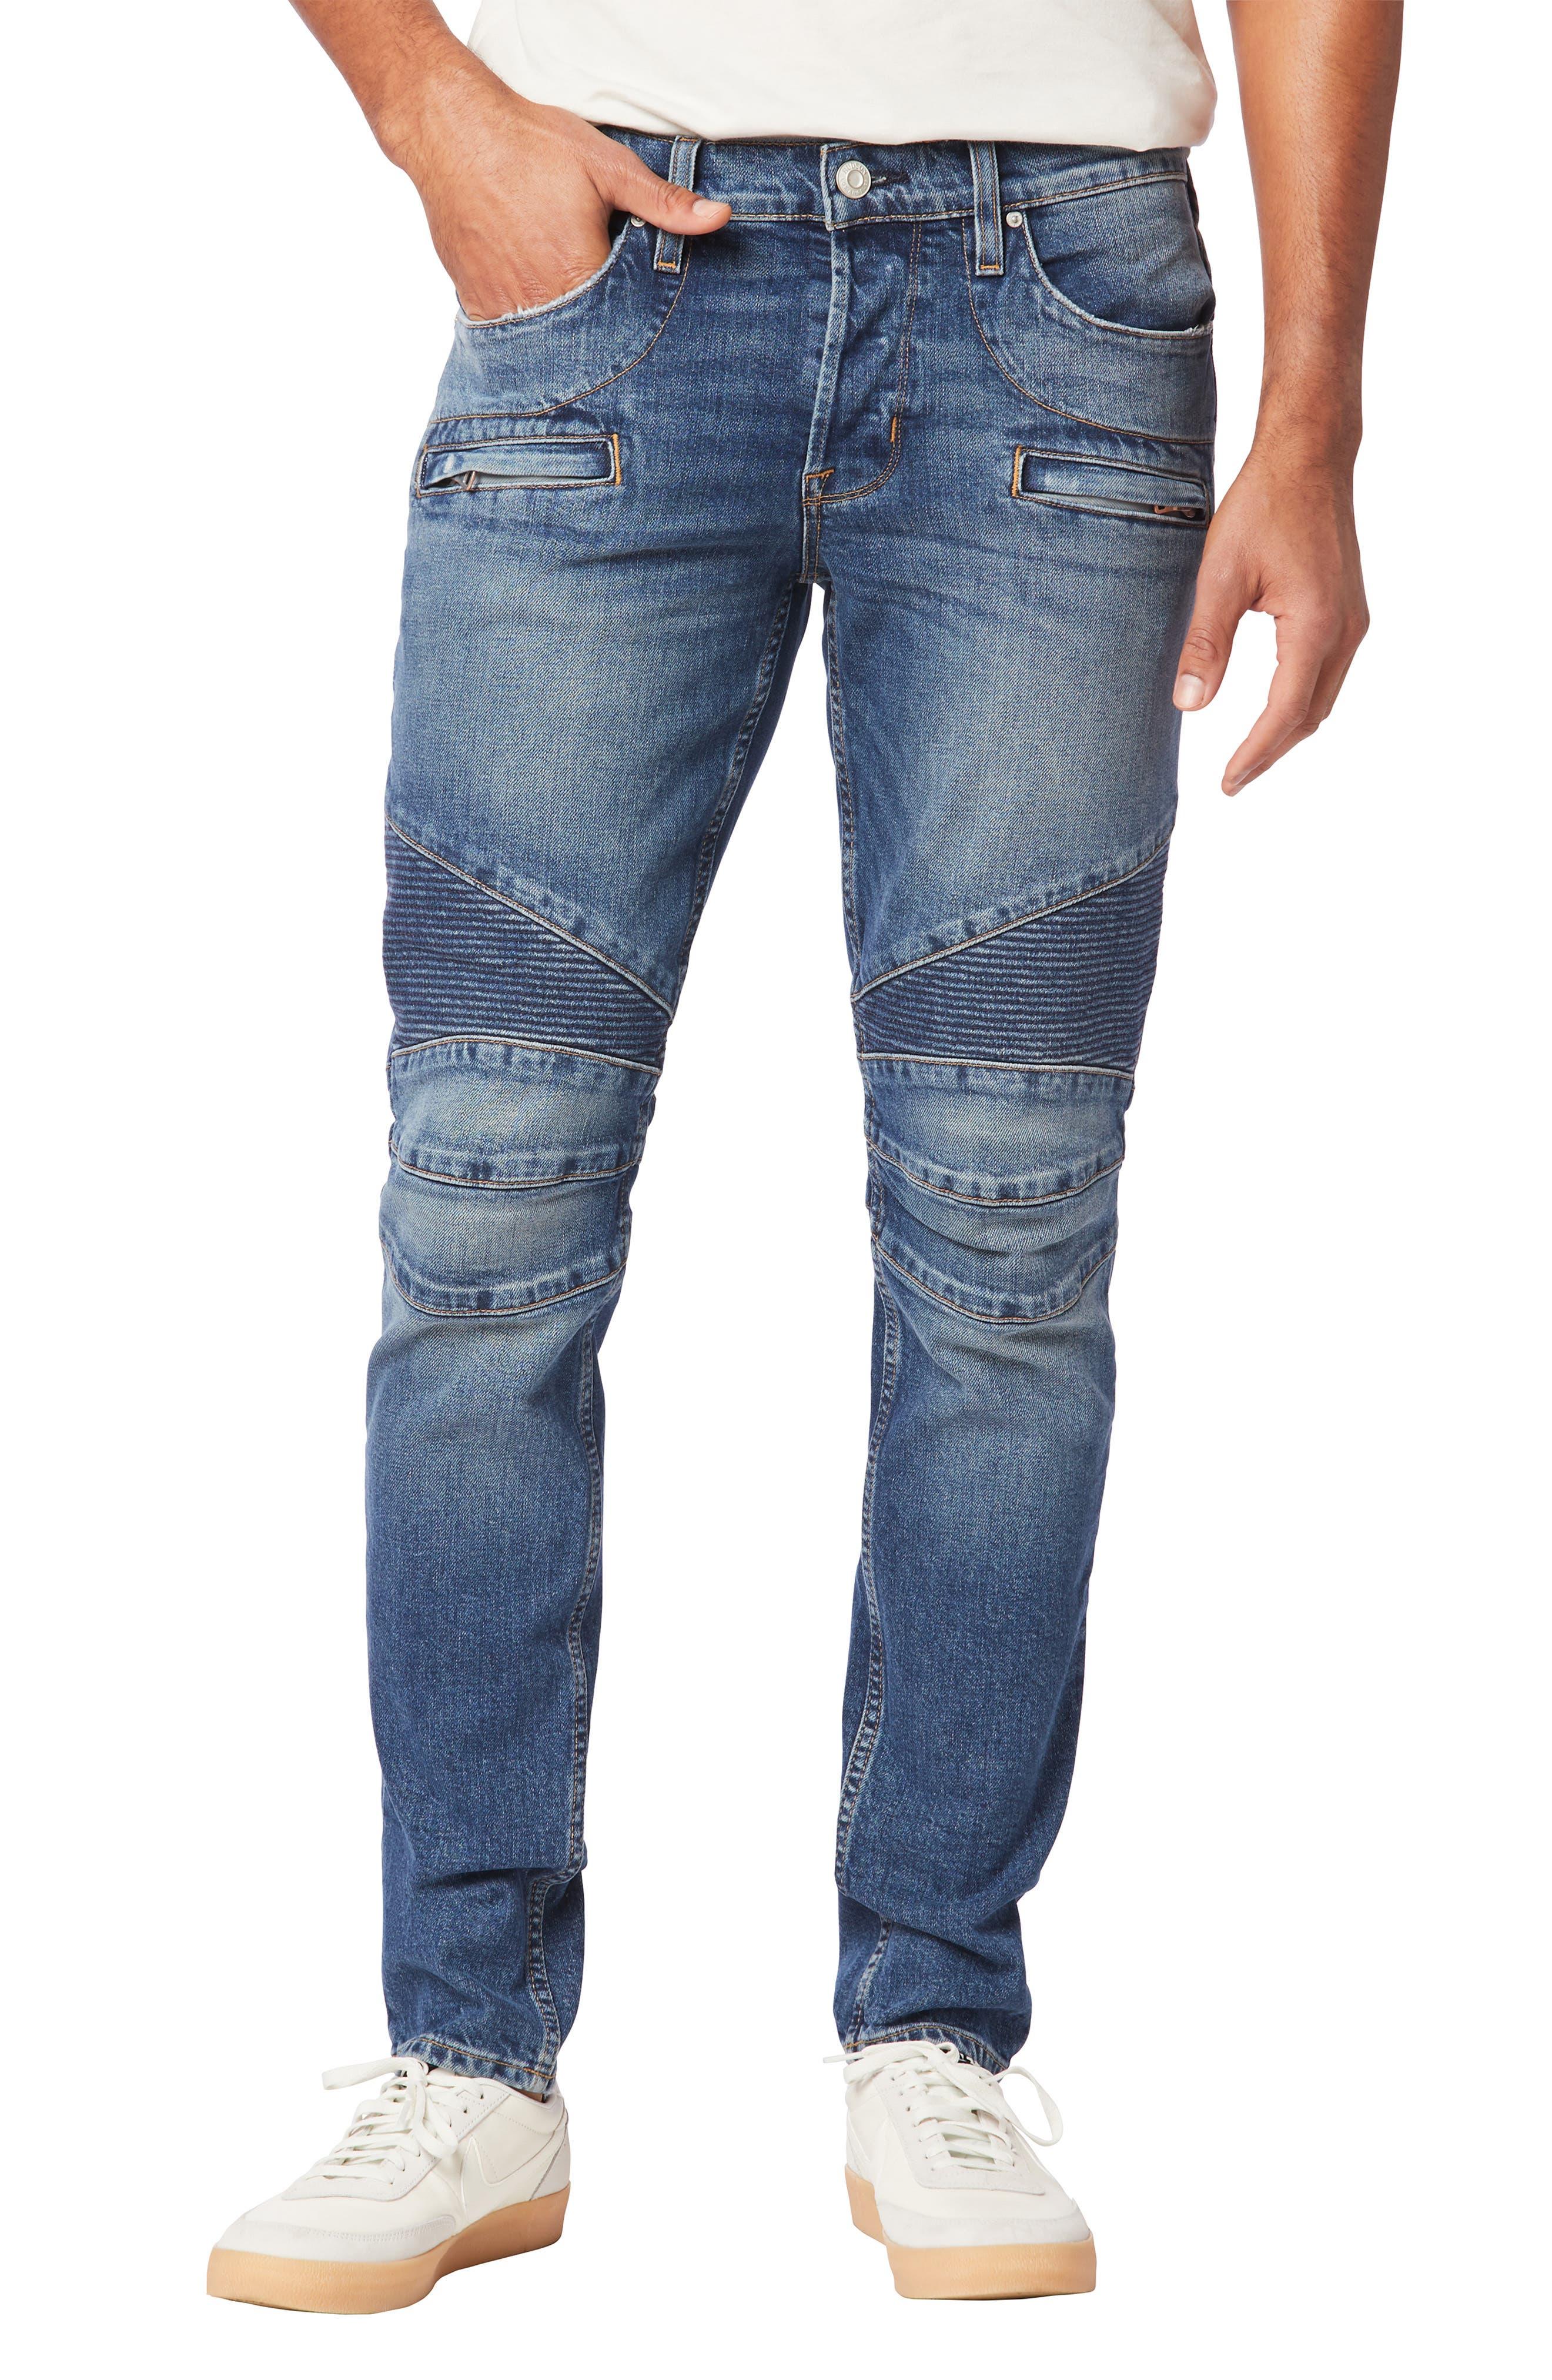 The Blinder Biker V.2 Skinny Fit Jeans